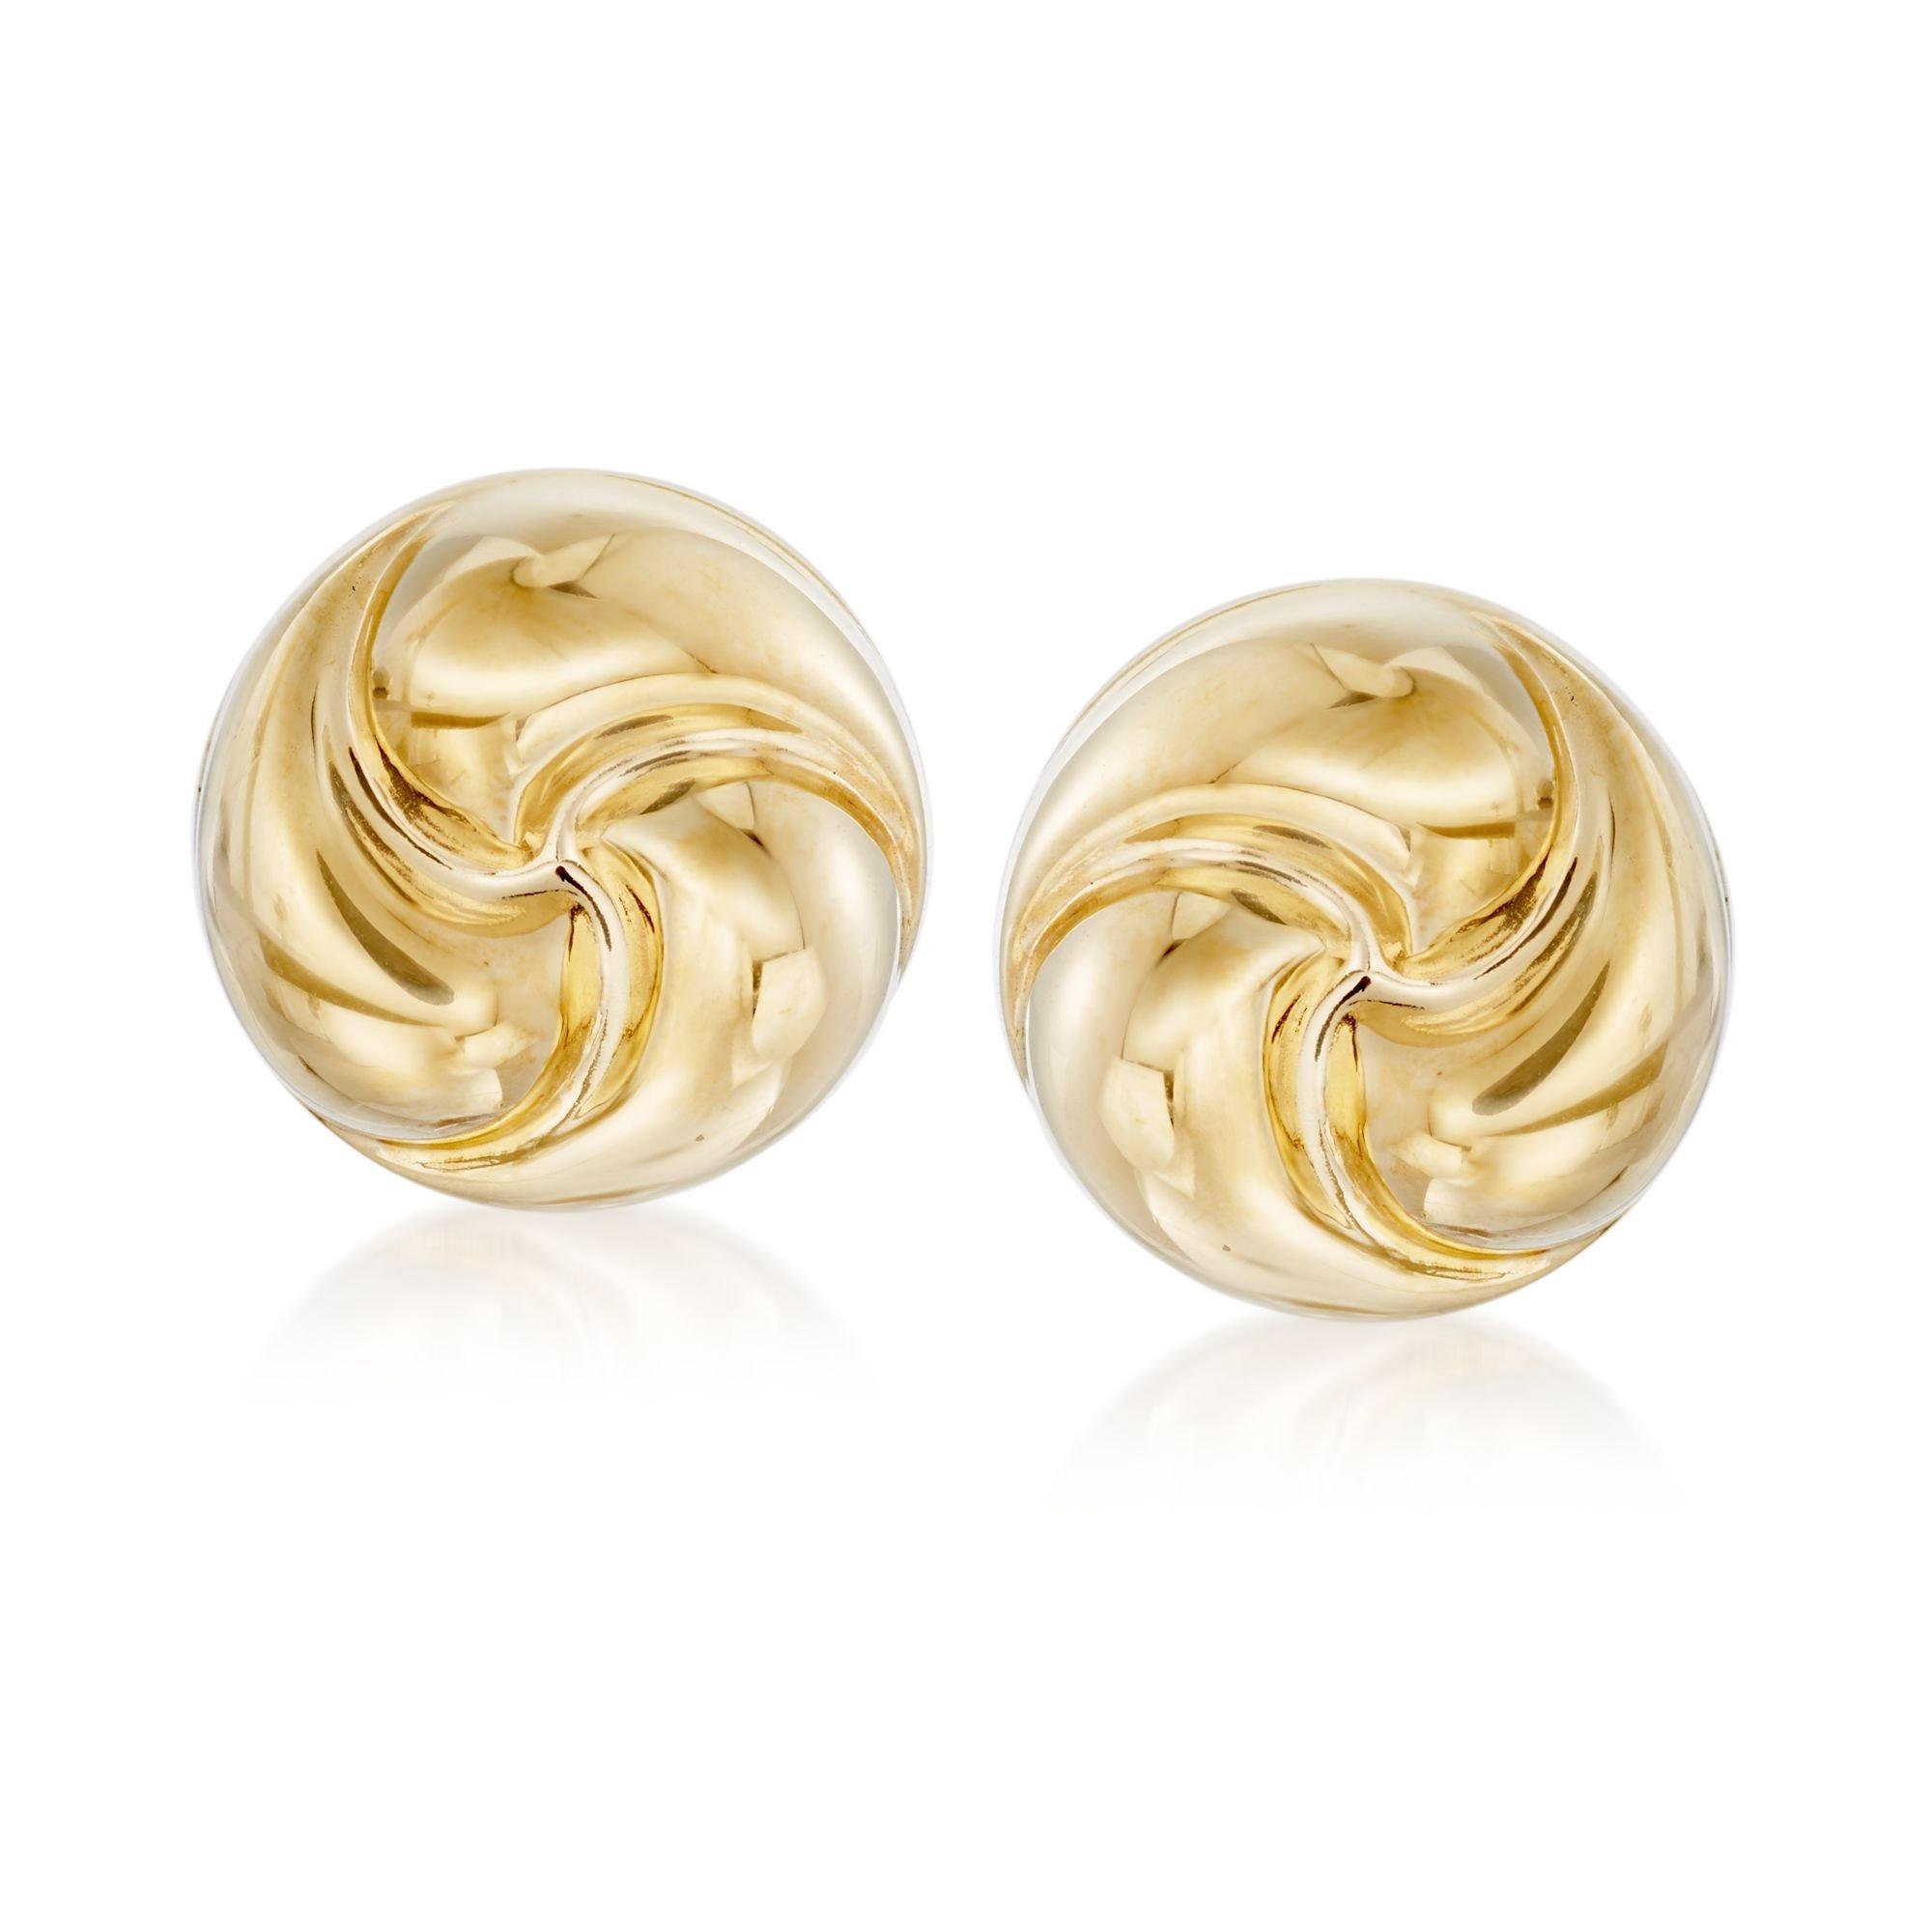 Ross-Simons Italian 18kt Yellow Gold Rosetta Love Knot Stud Earrings